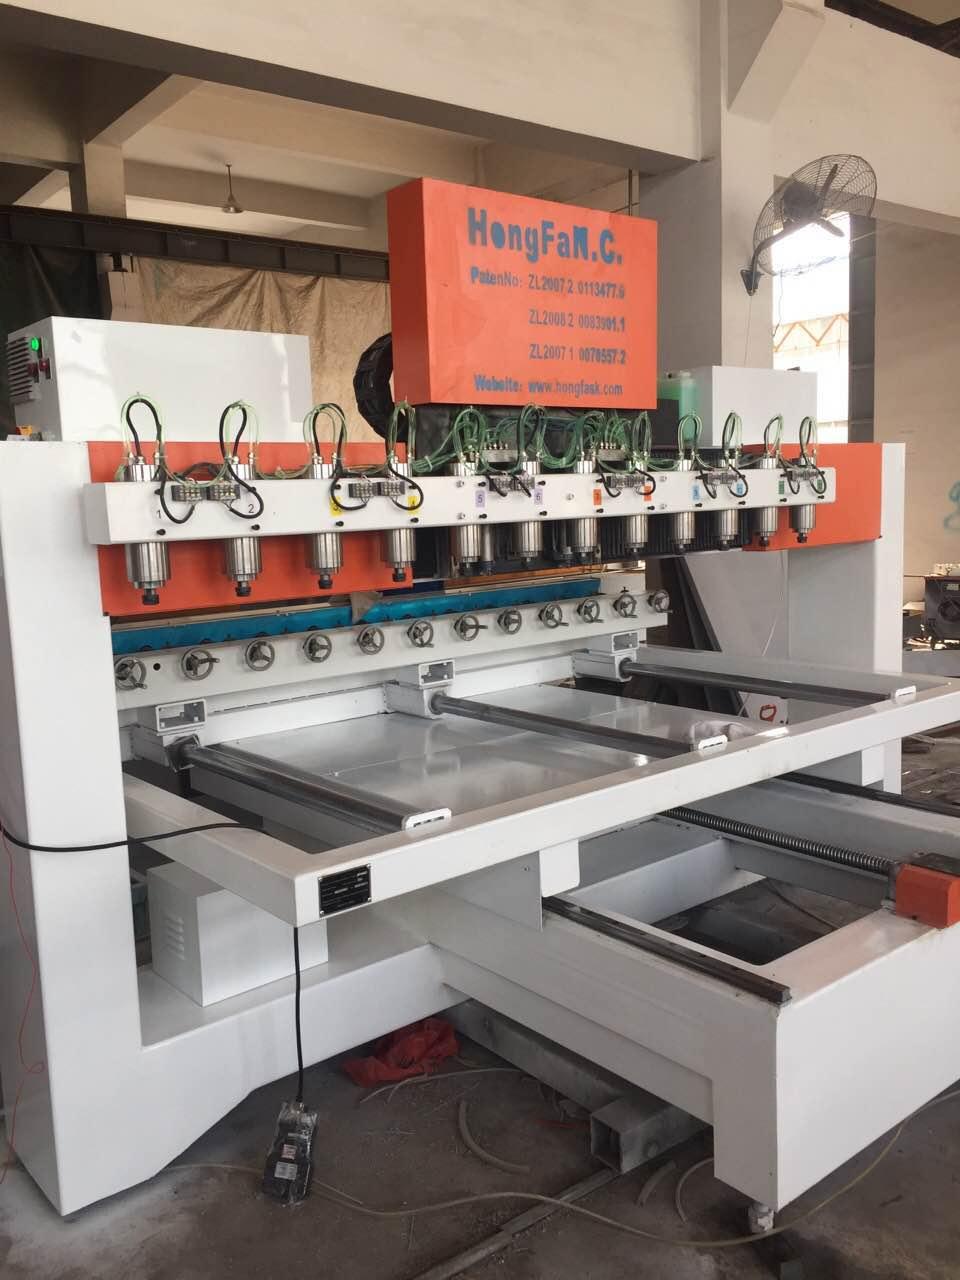 hongfa 4 axis cnc engraving machine 12021 12 head rotary engraving machine